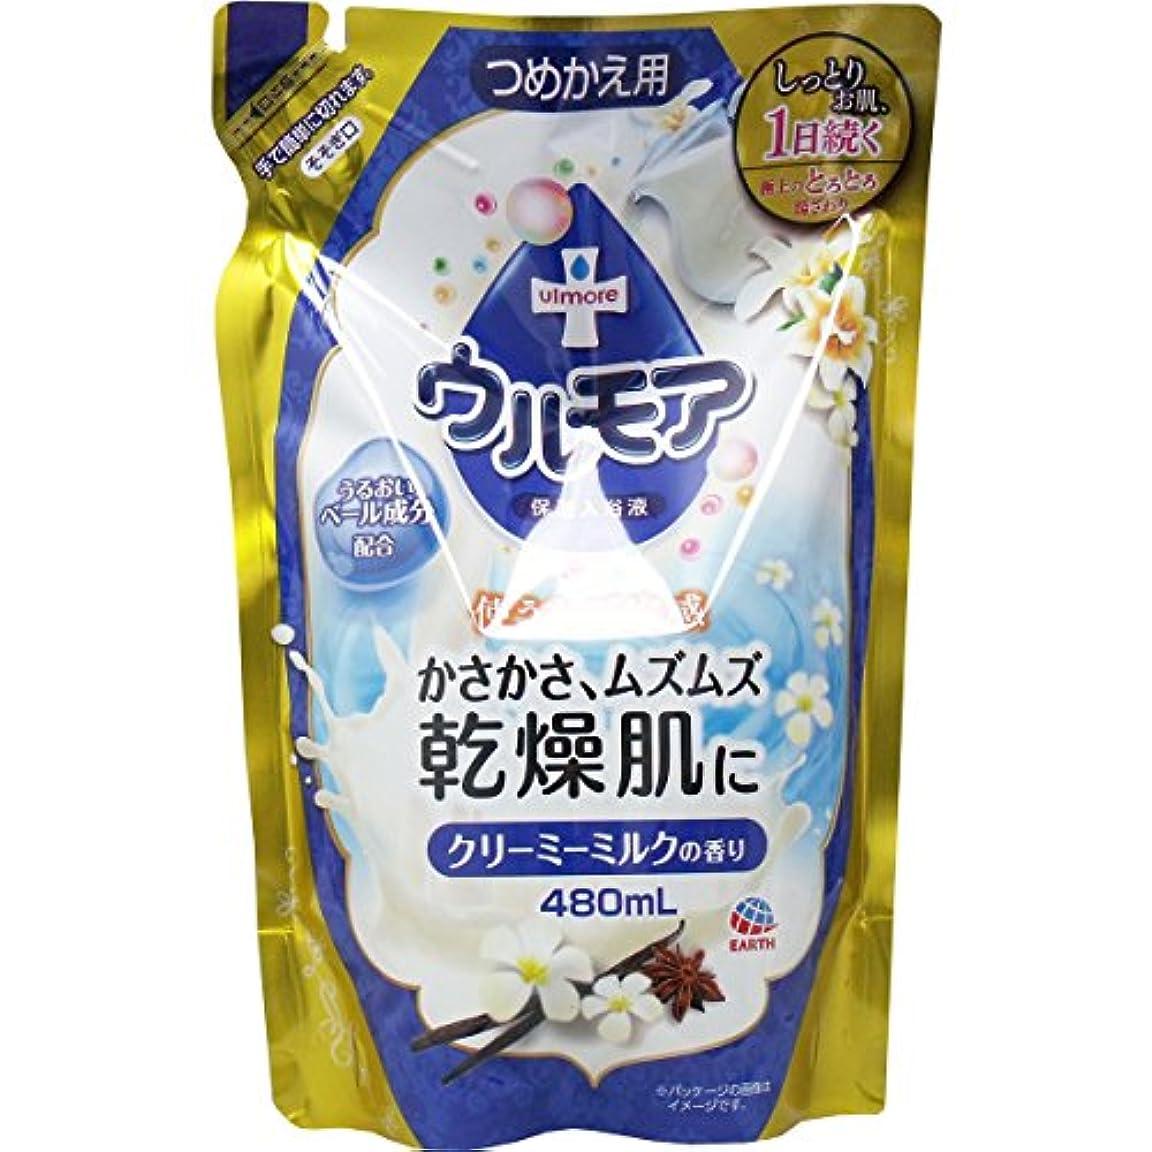 ビザ抗生物質たまに保湿入浴液ウルモアクリーミーミルク 替え × 5個セット